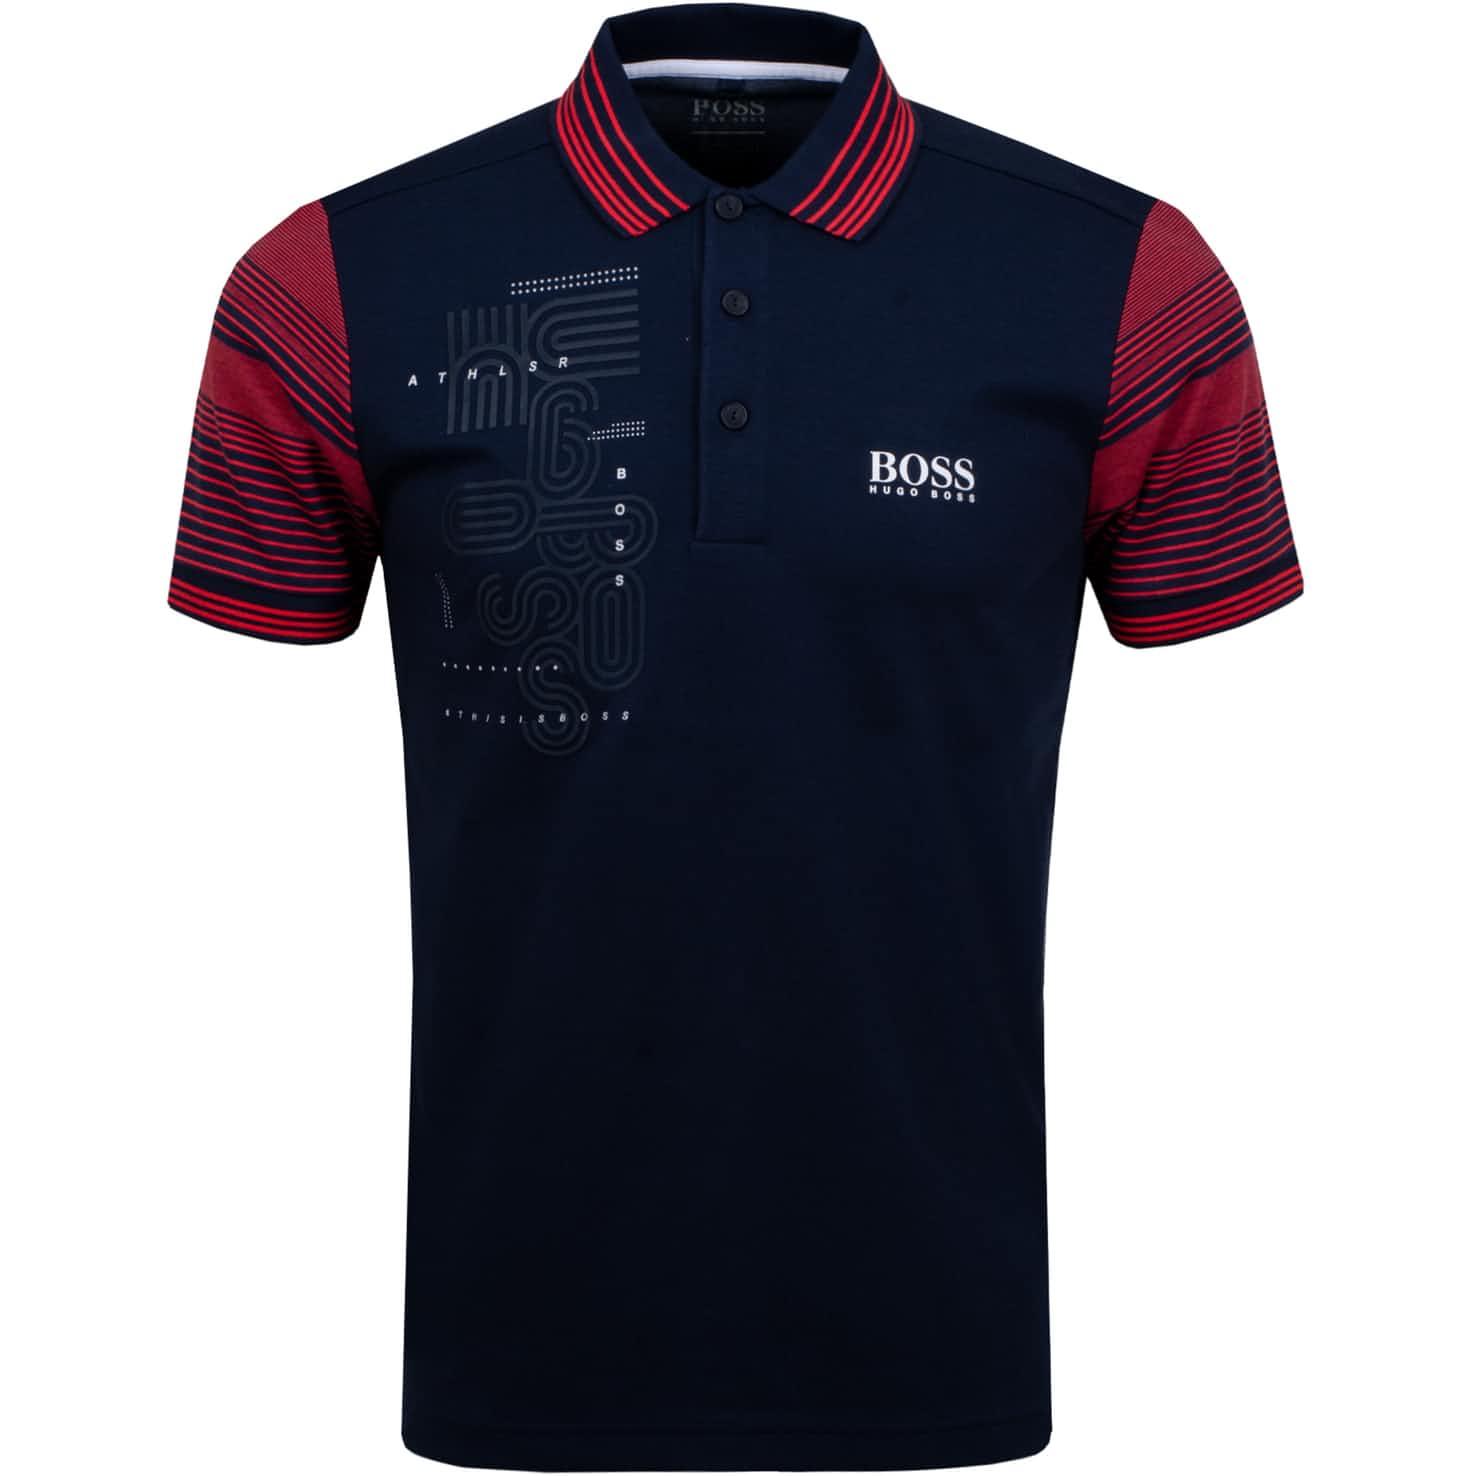 Hugo Boss Golf Paule Pro 1 Vit